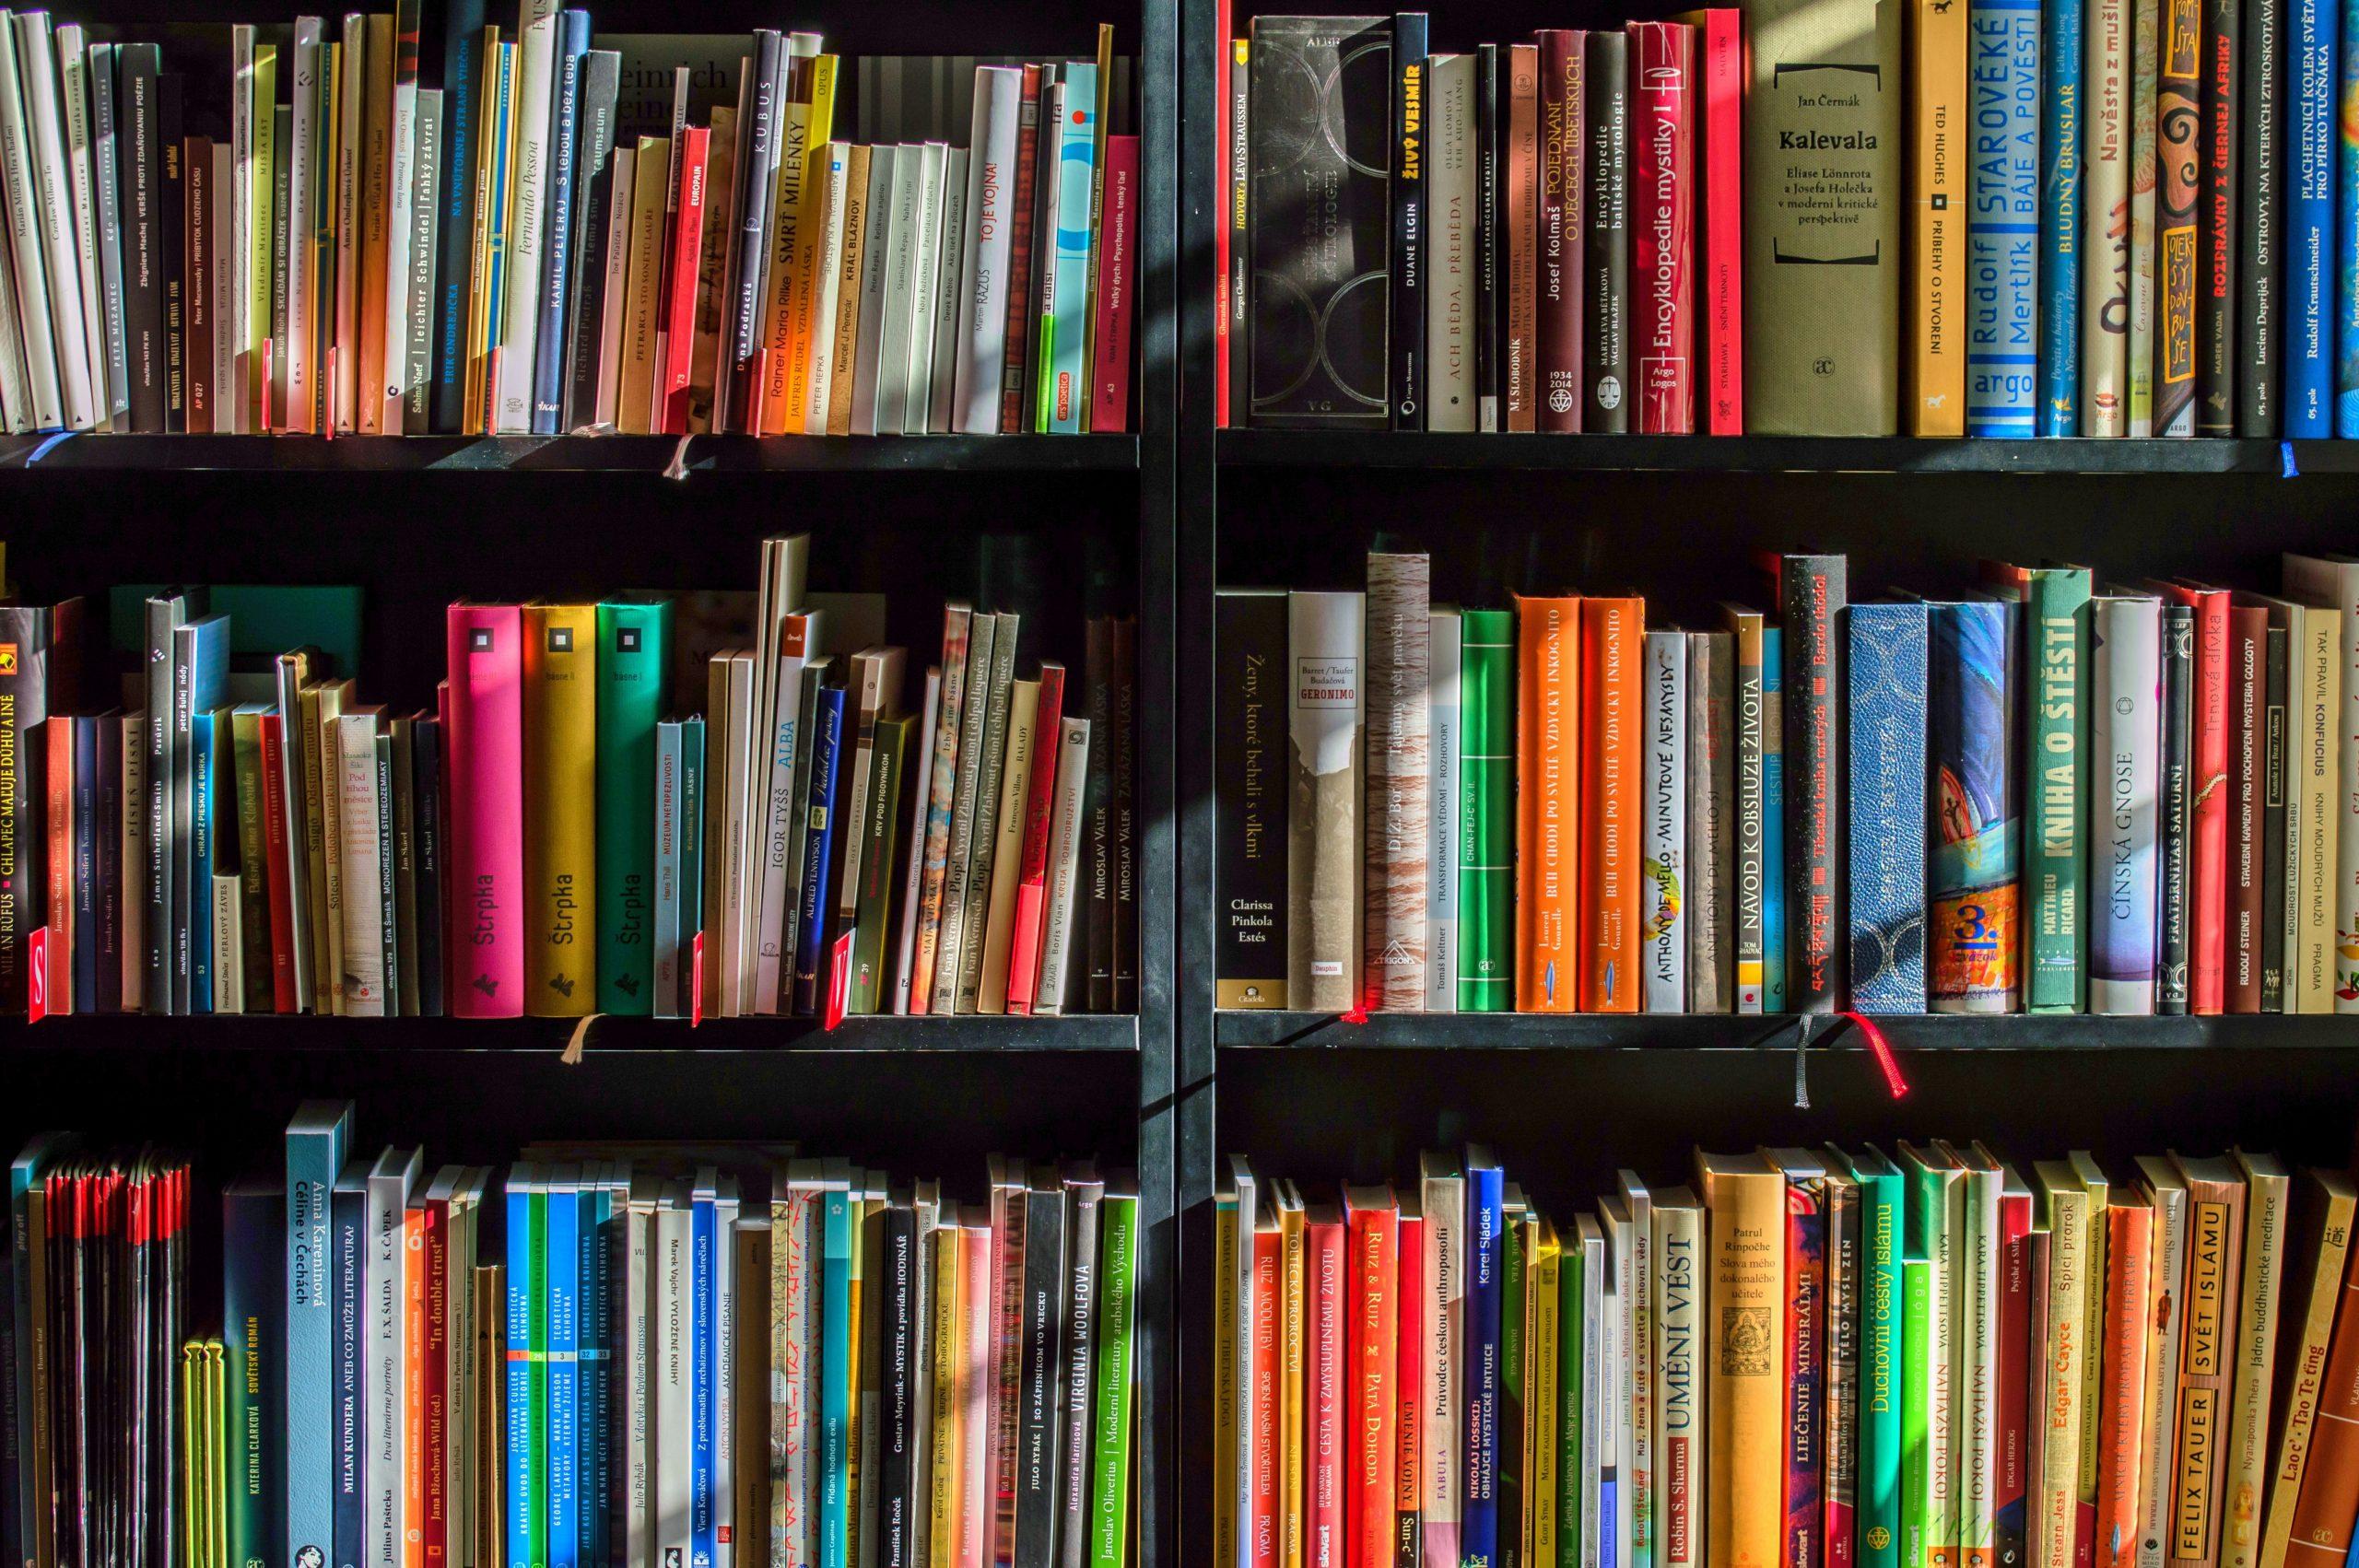 personne asiatique lit bibliothèque ponthévrard